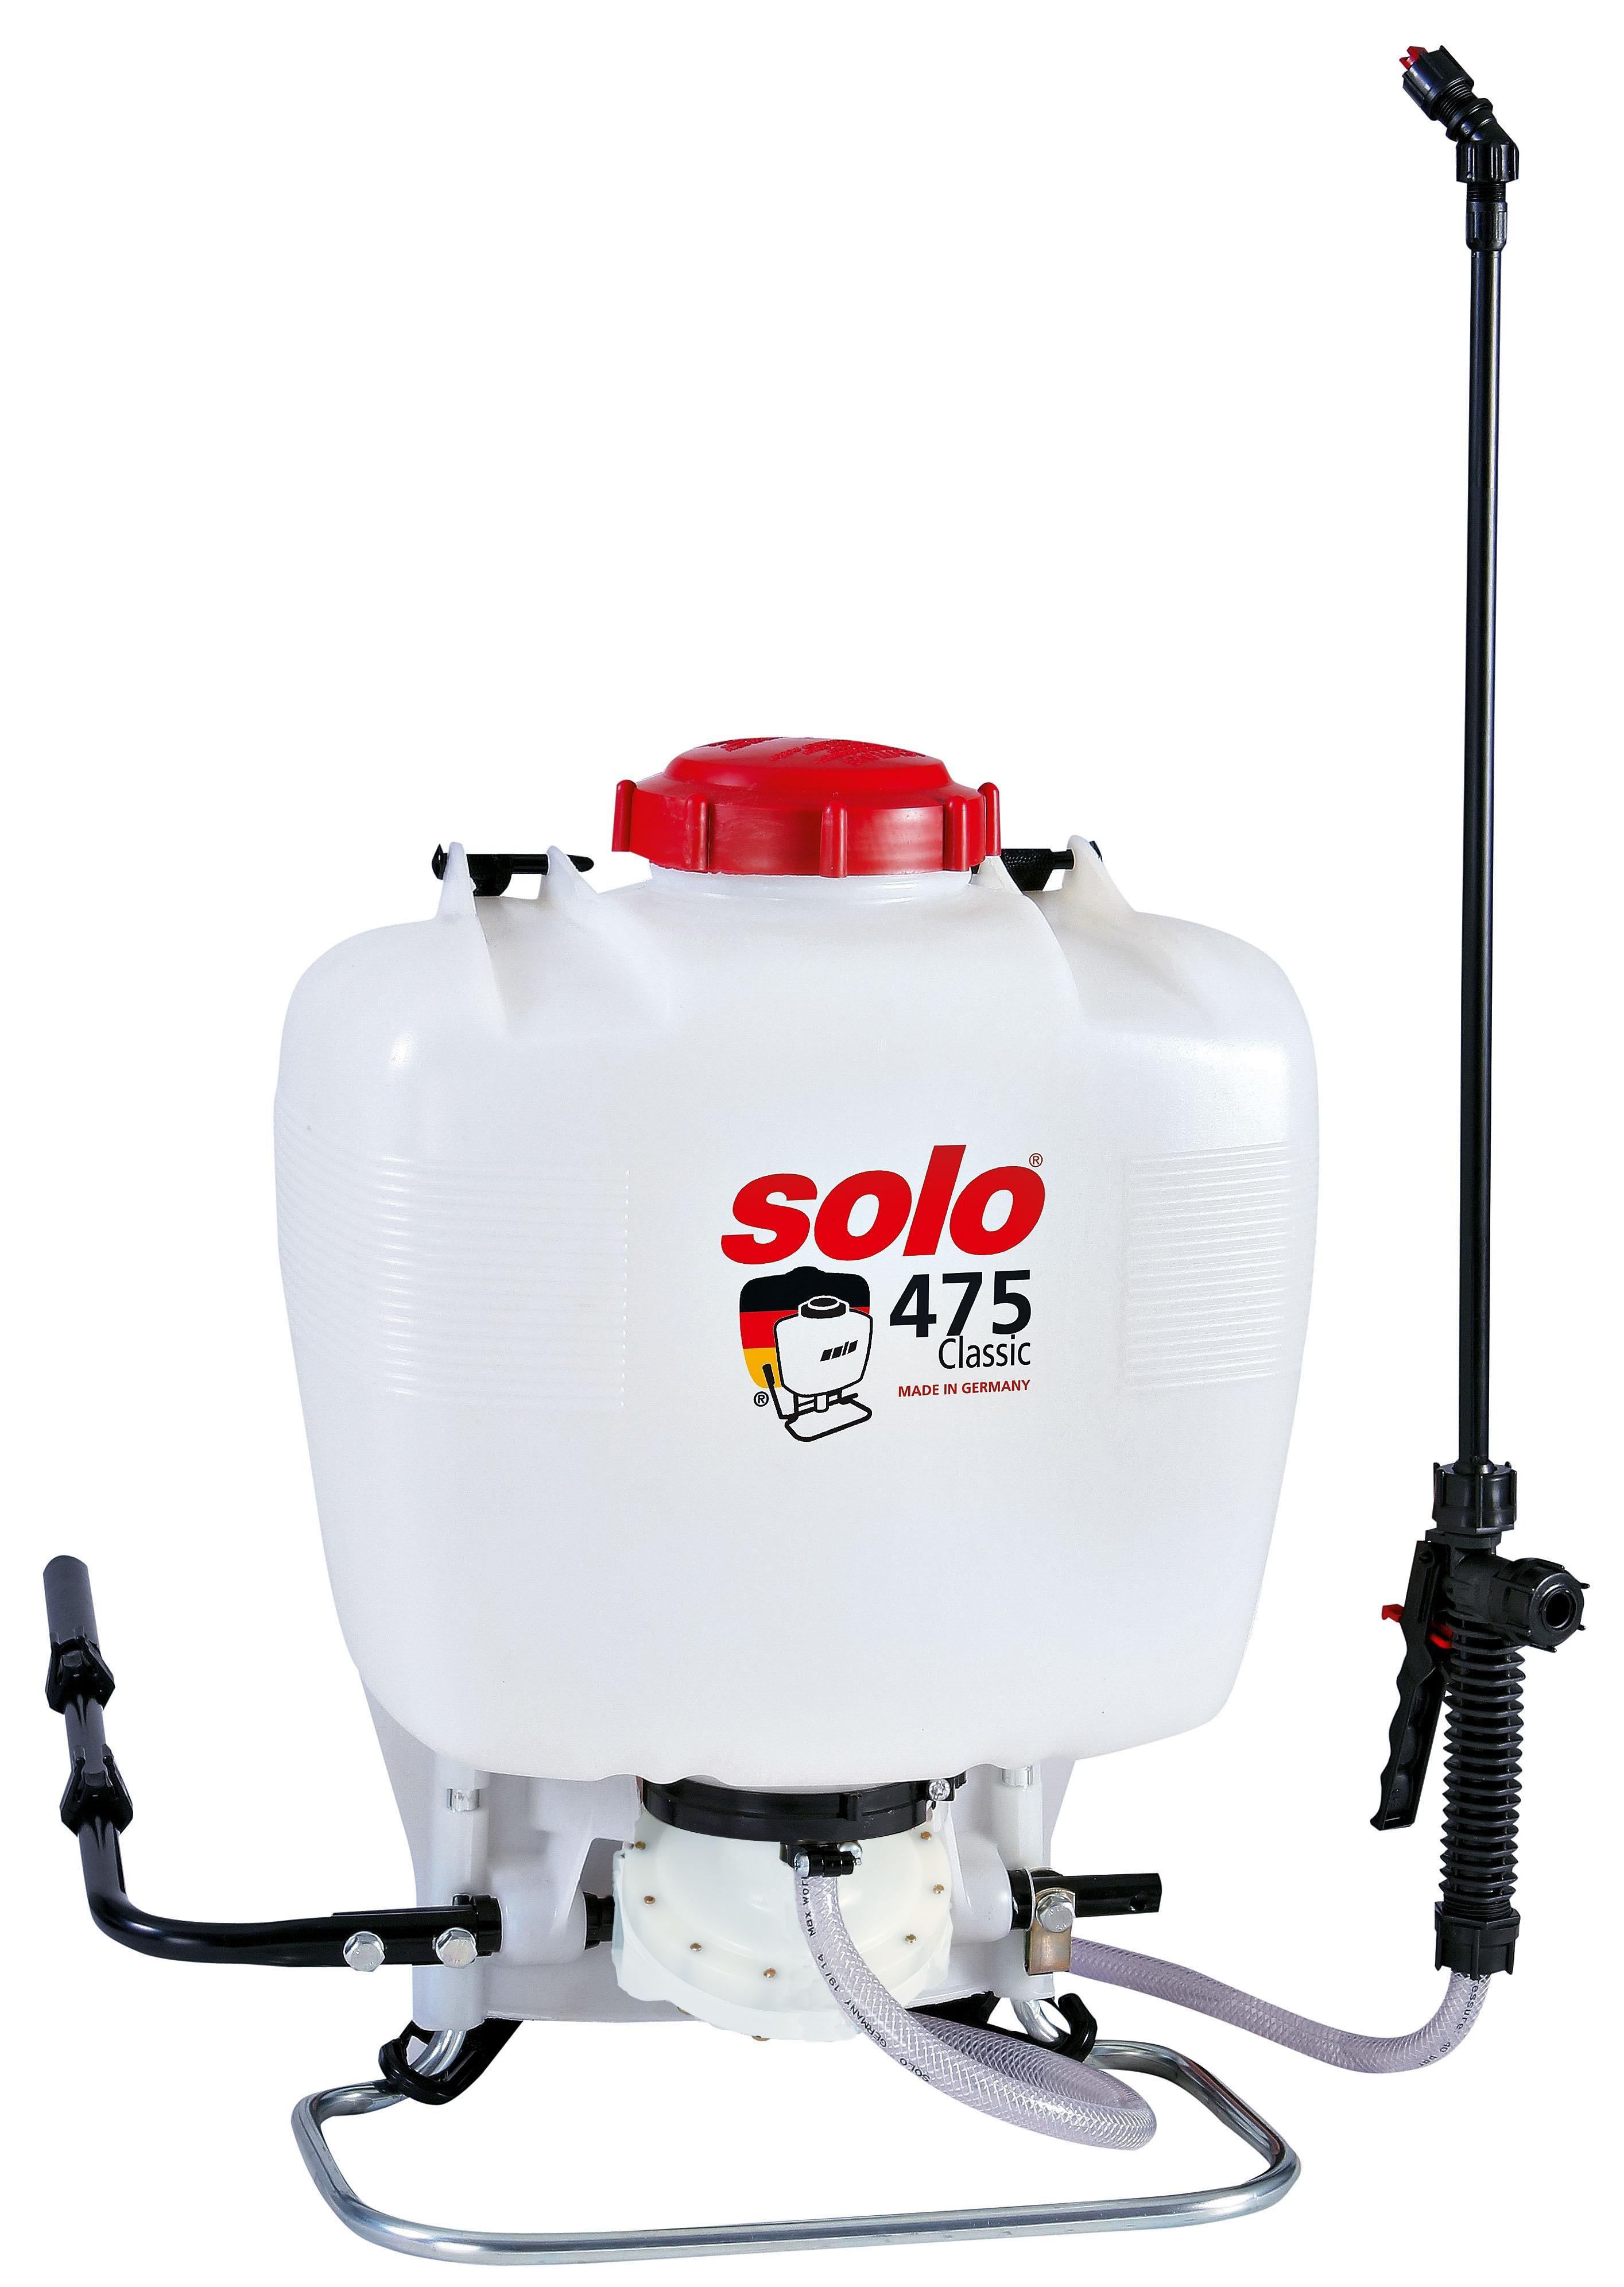 Картинка для Ранцевый ручной опрыскиватель Solo 475 classic